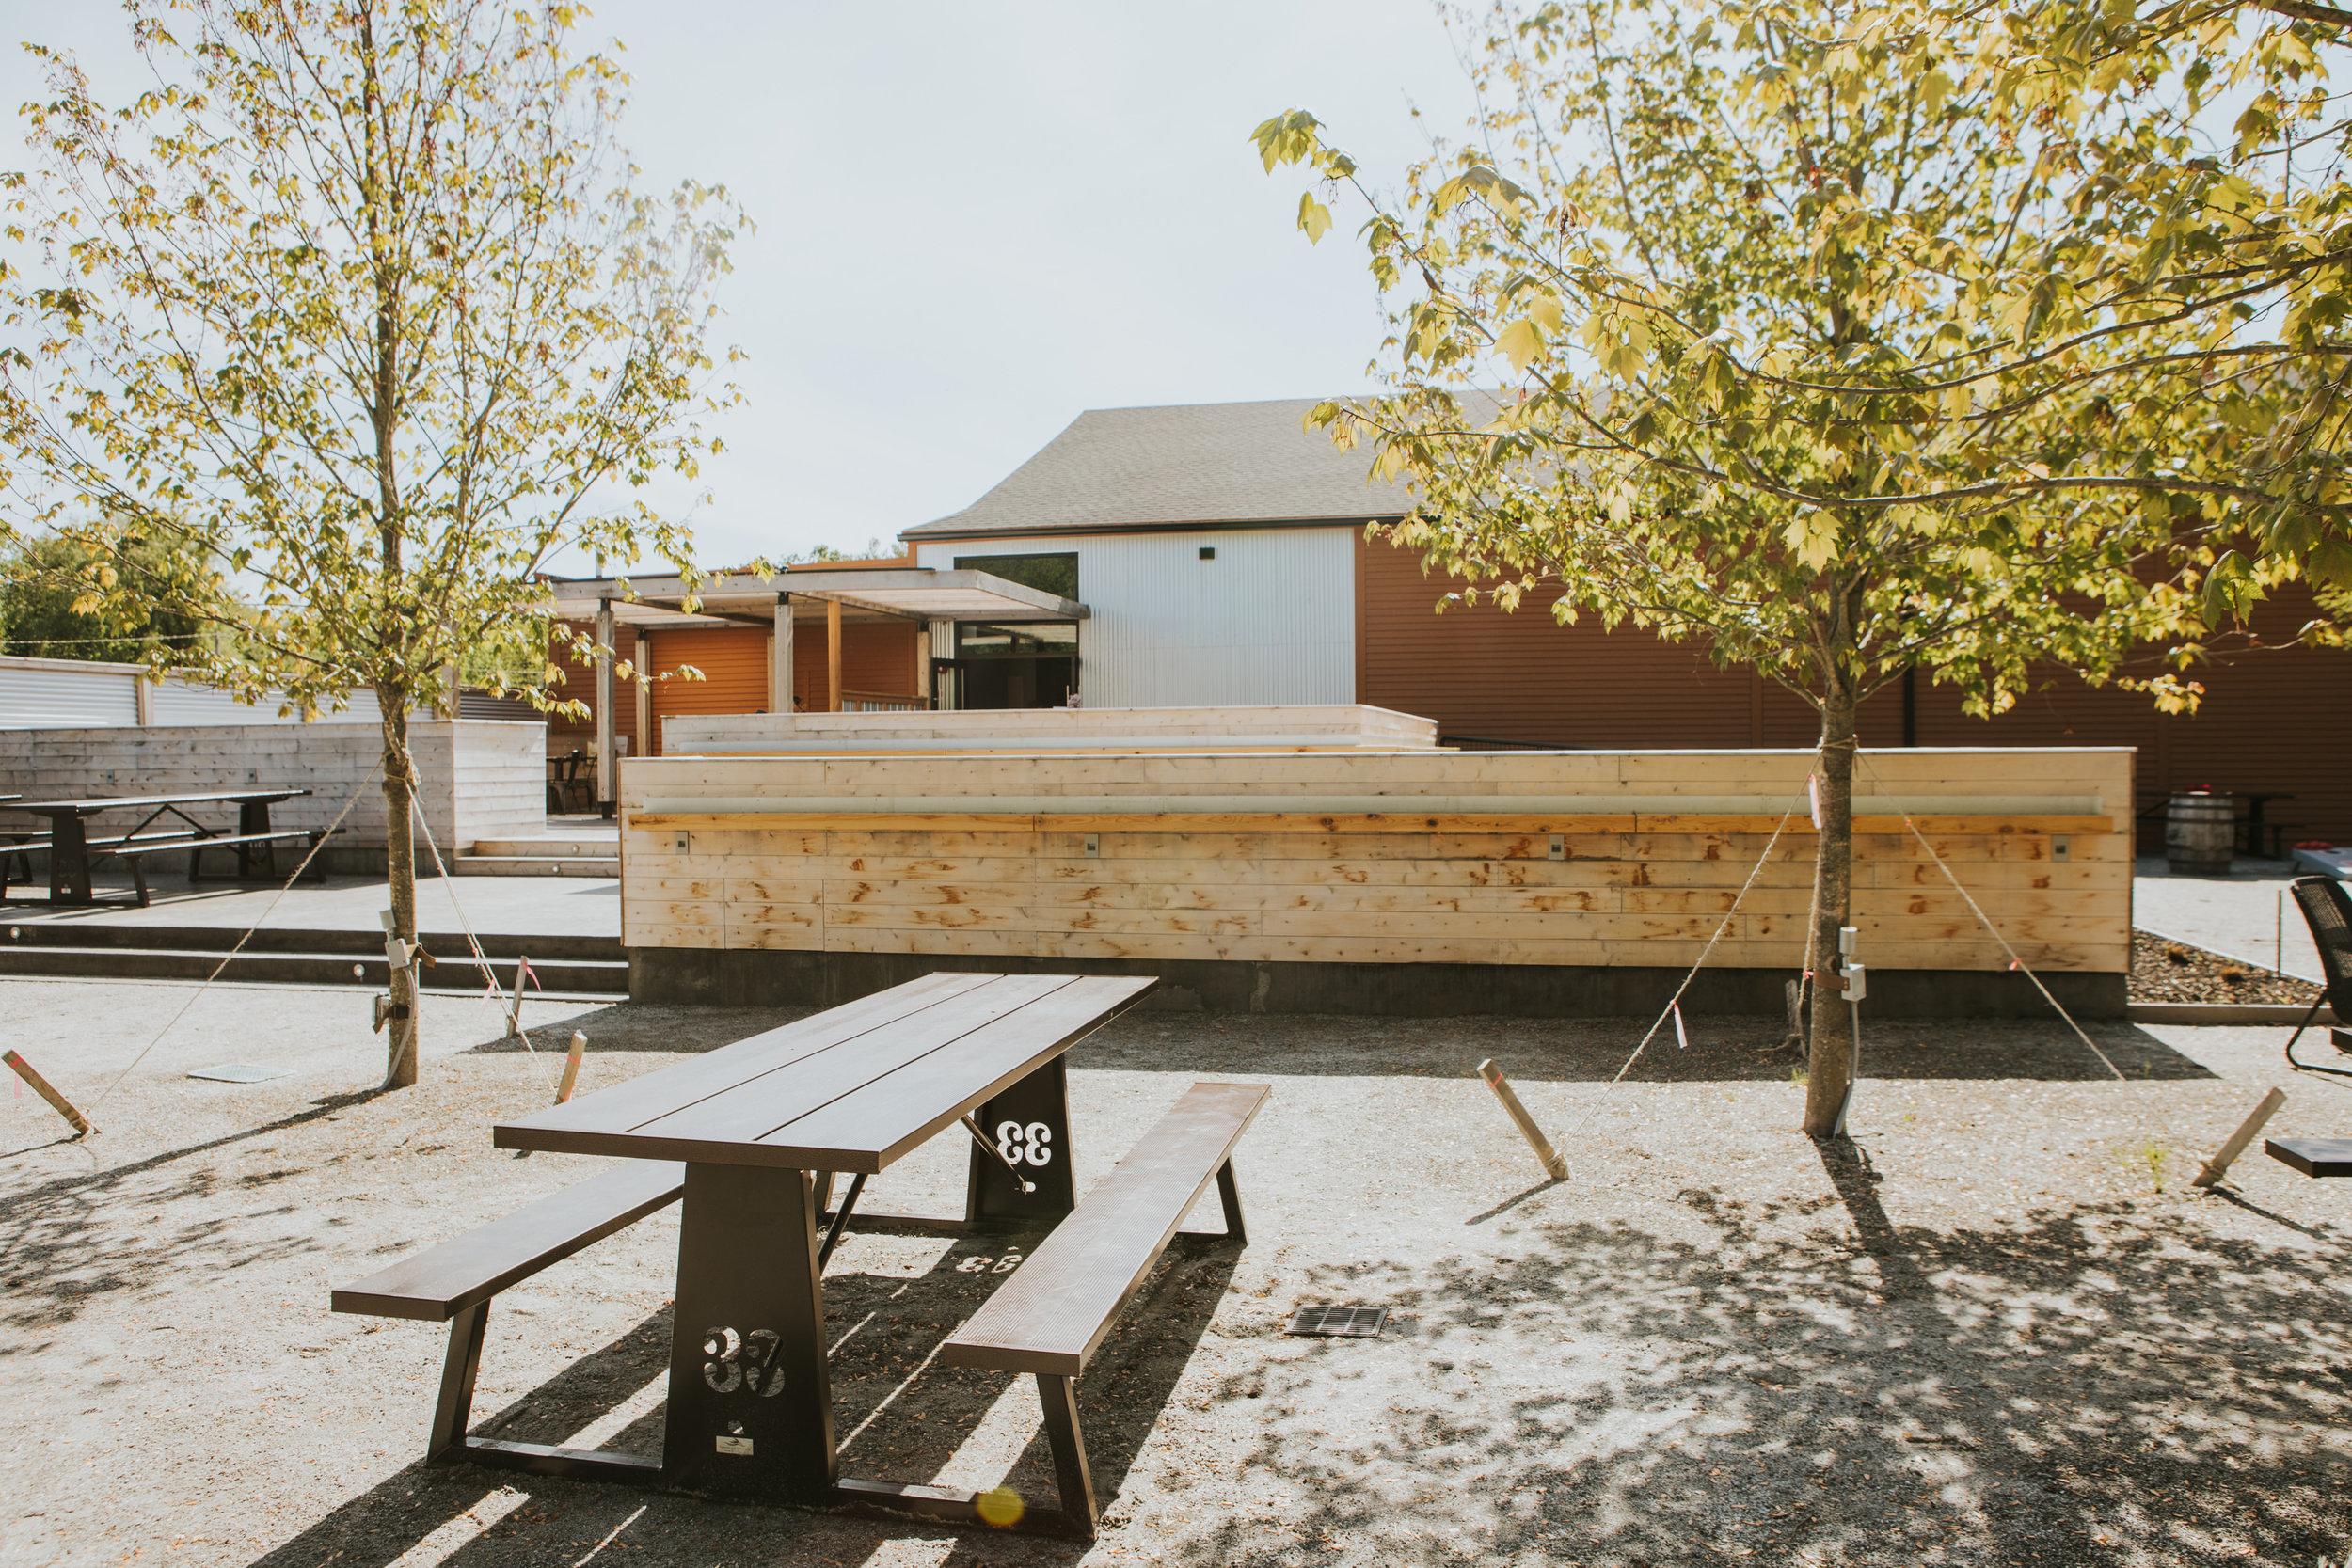 33 Elmwood 33 Garden Spot Westbrook Restaurant Outdoor Space © Heidi Kirn Photography 463653.jpg